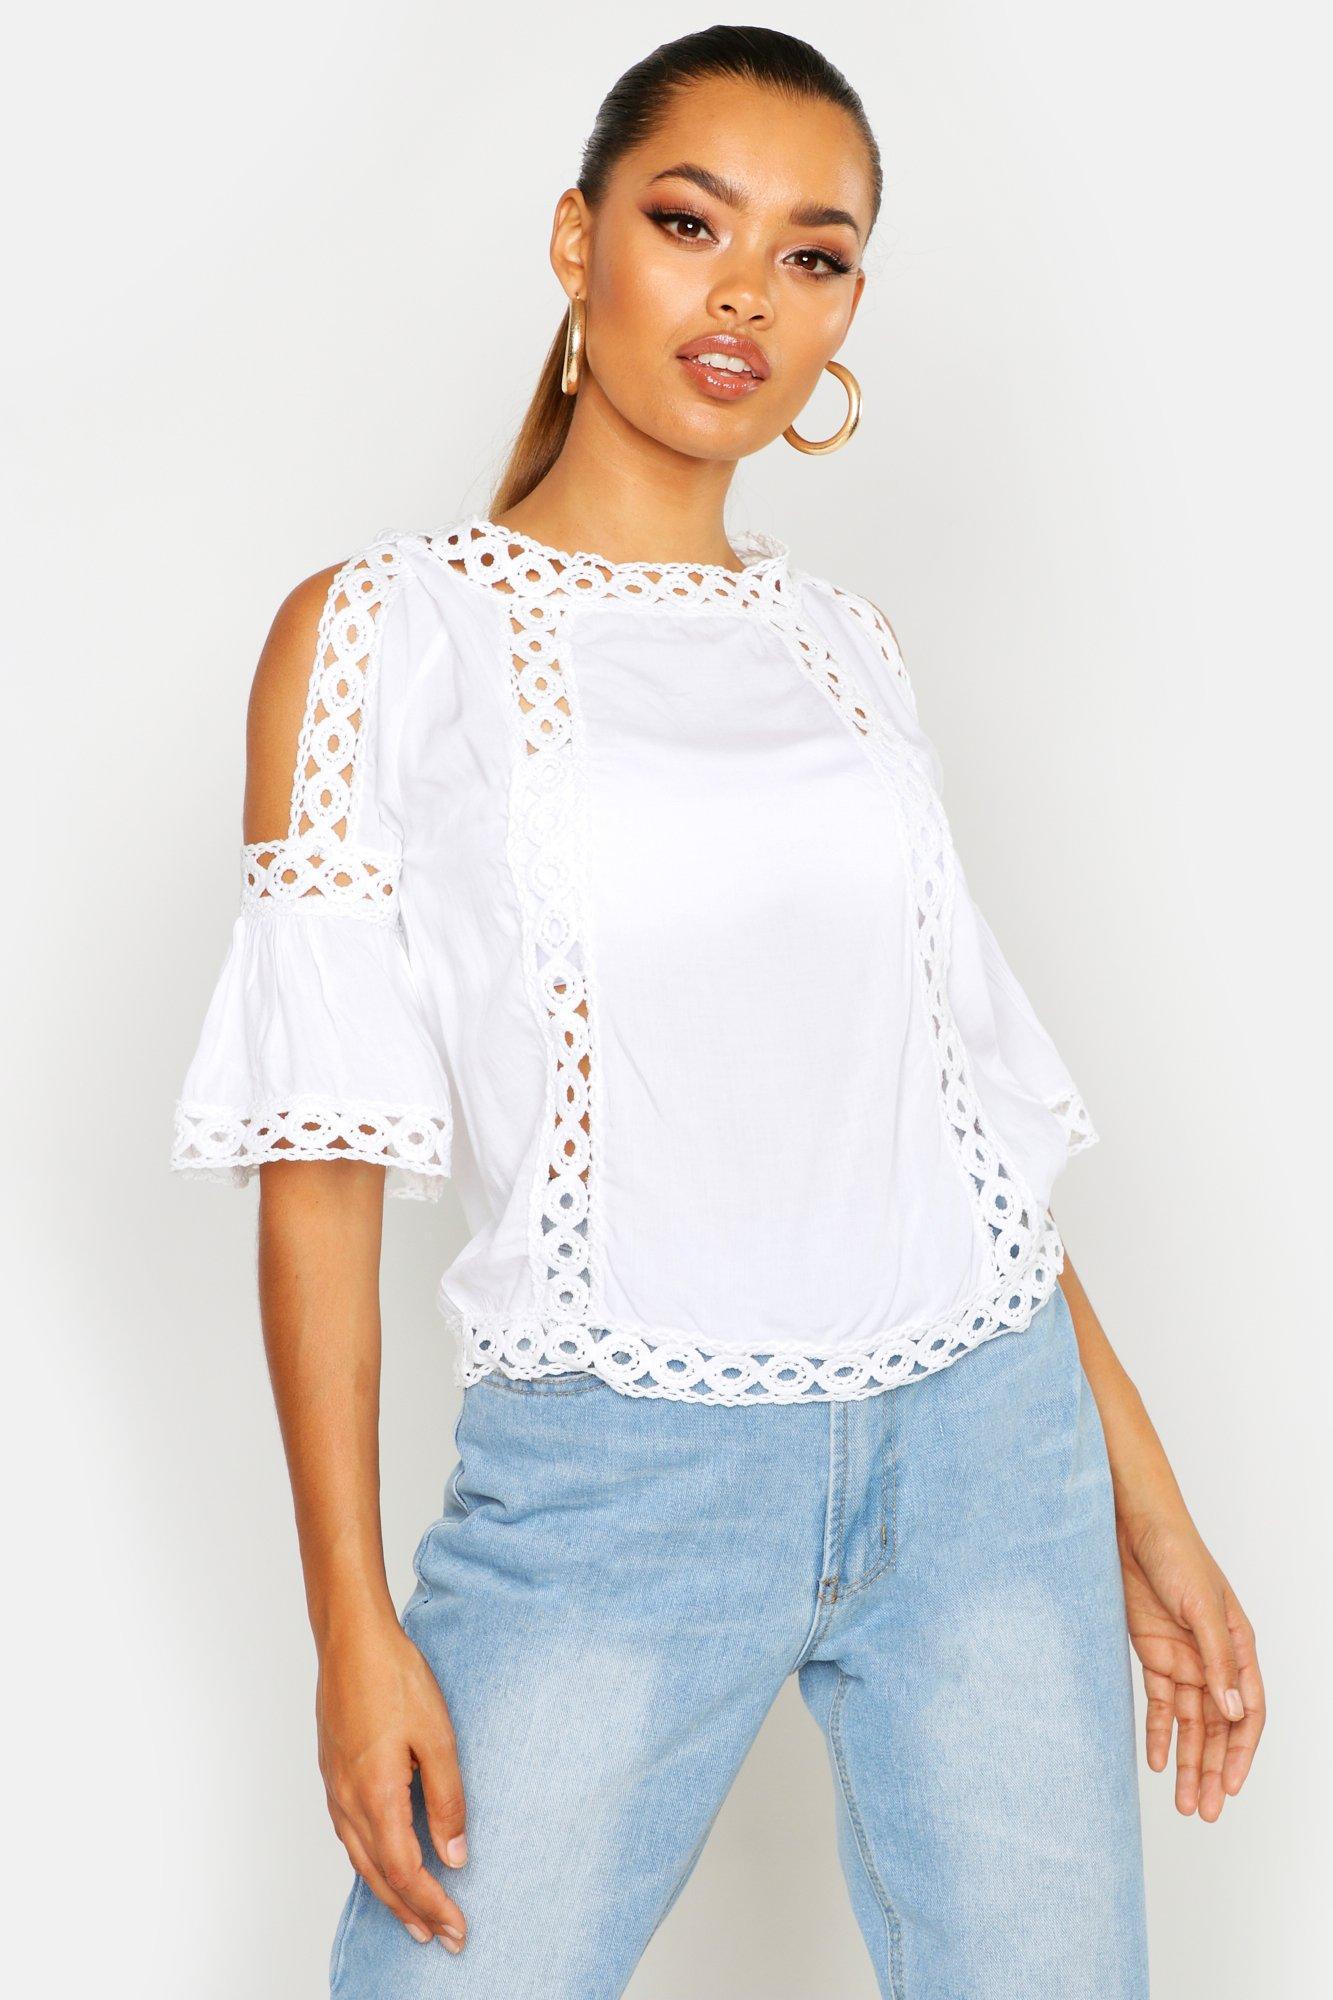 Womens Oberteil mit ausgeschnittenen Schultern und Cutout - Weiß - 32, Weiß - Boohoo.com